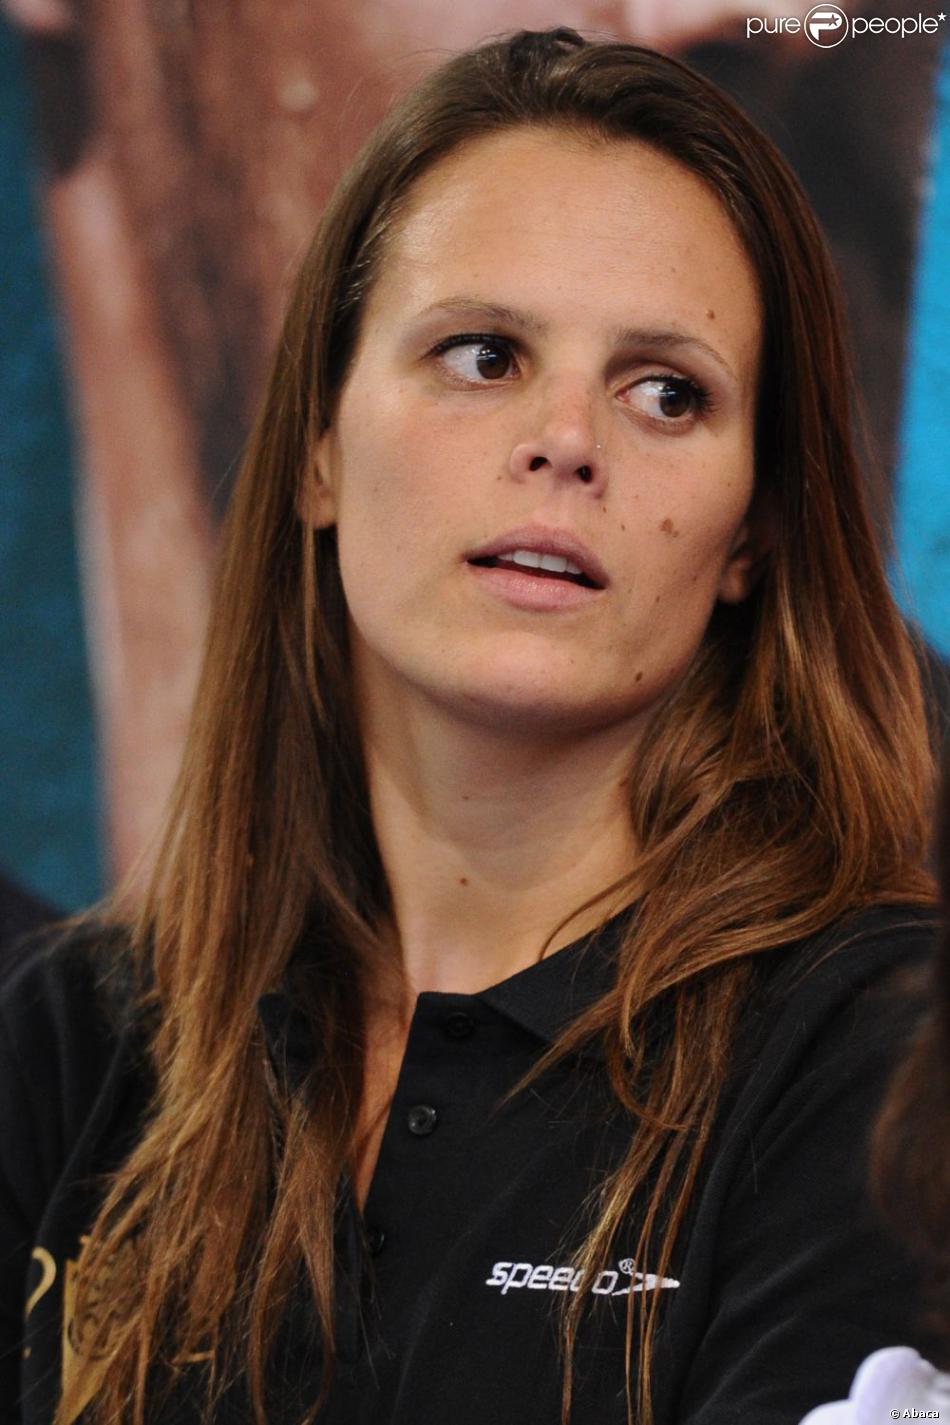 Laure Manaudou à Strasbourg lors des championnats de France de natation de Strasbourg le 24 mars 2011